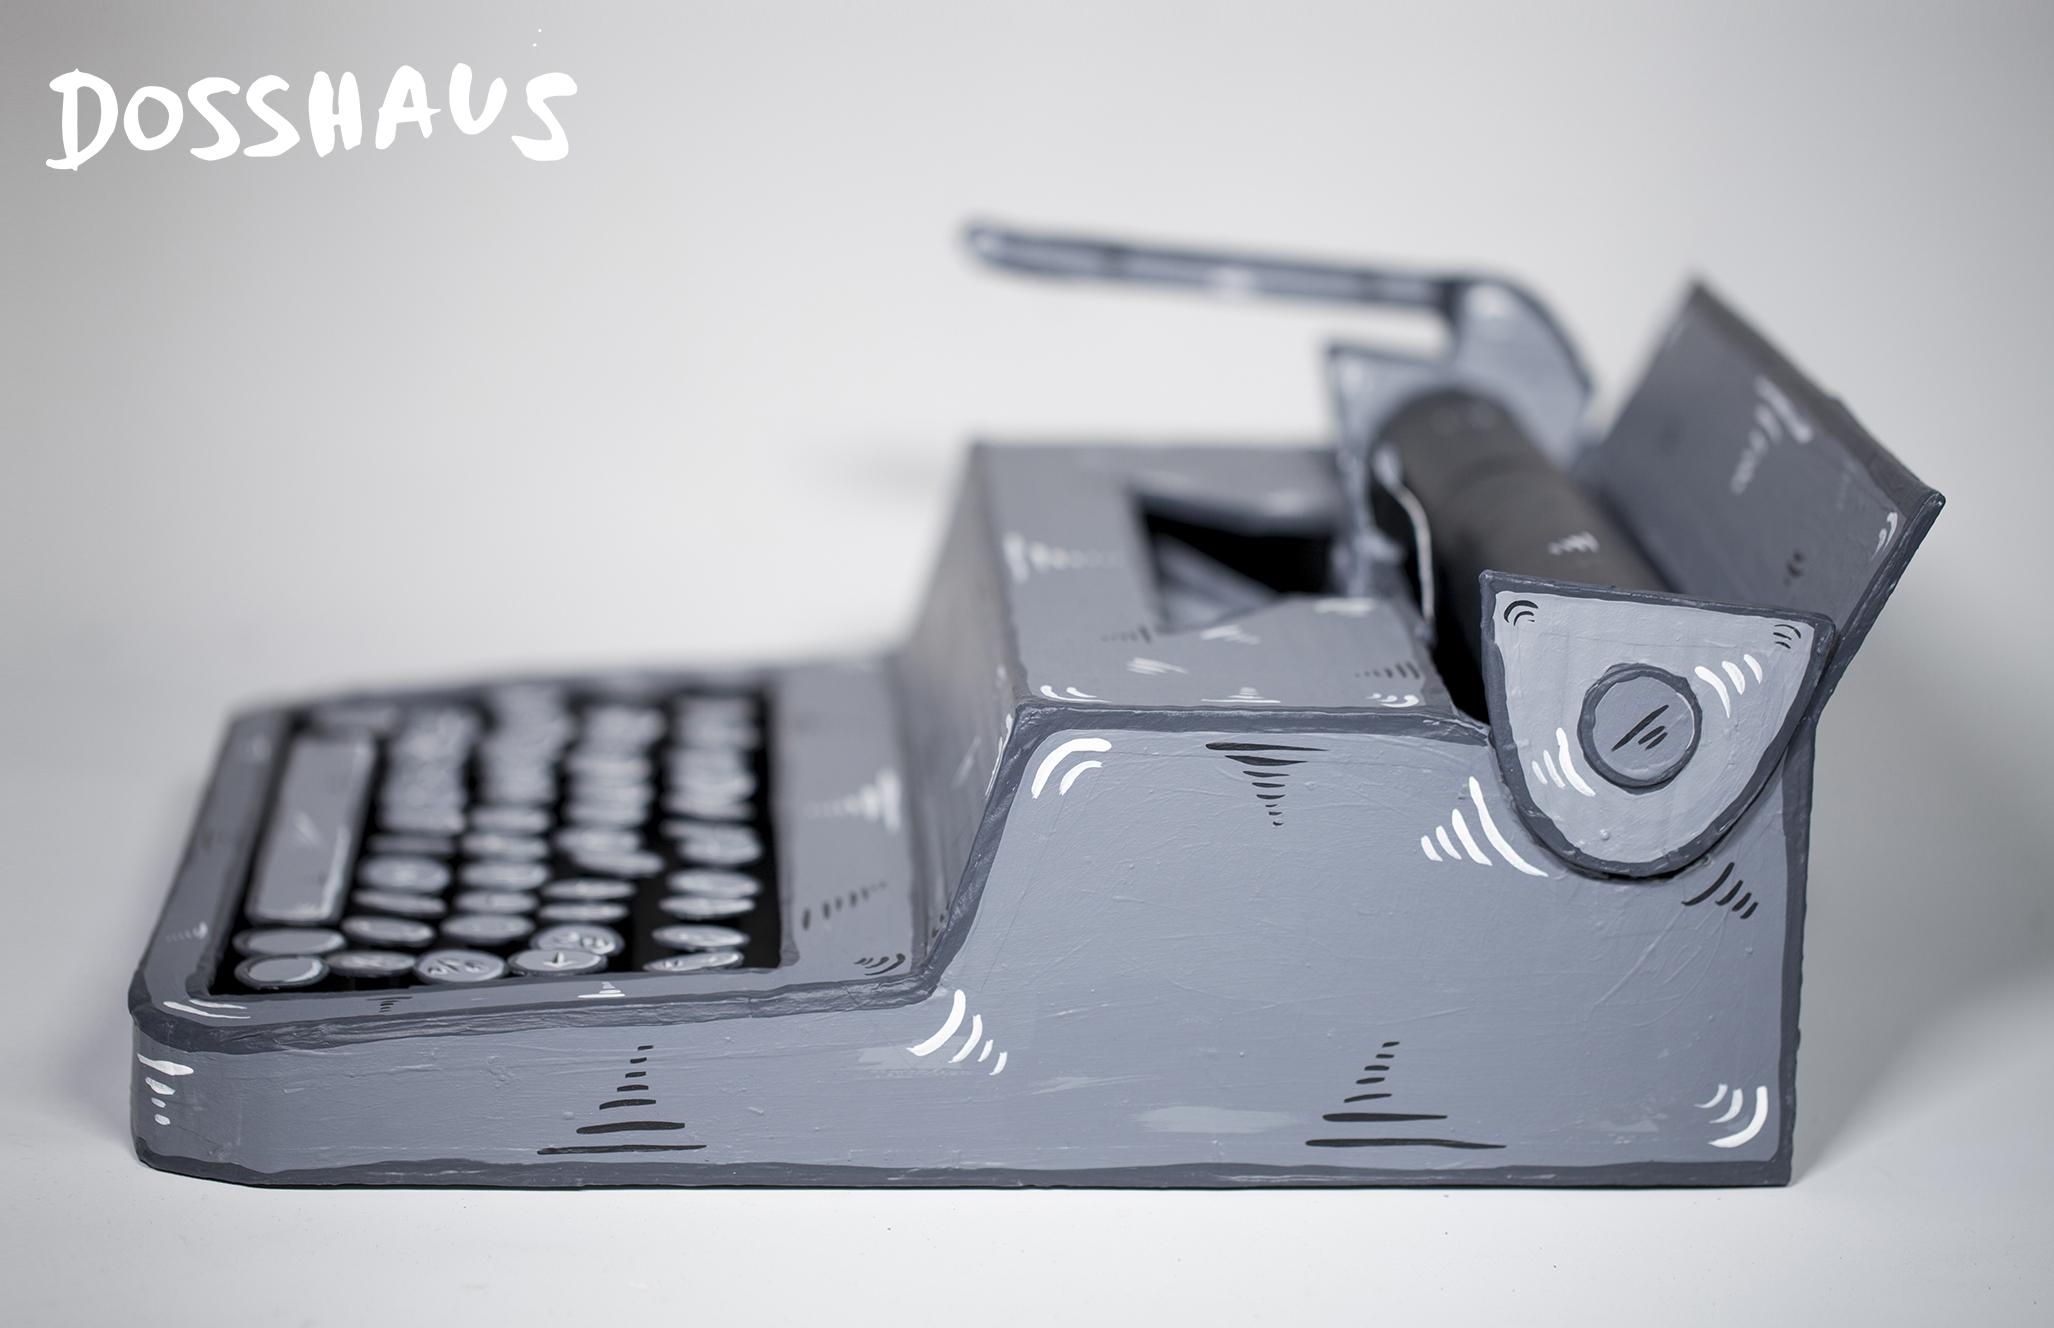 Dosshaus Grey Typewriter 4.jpg